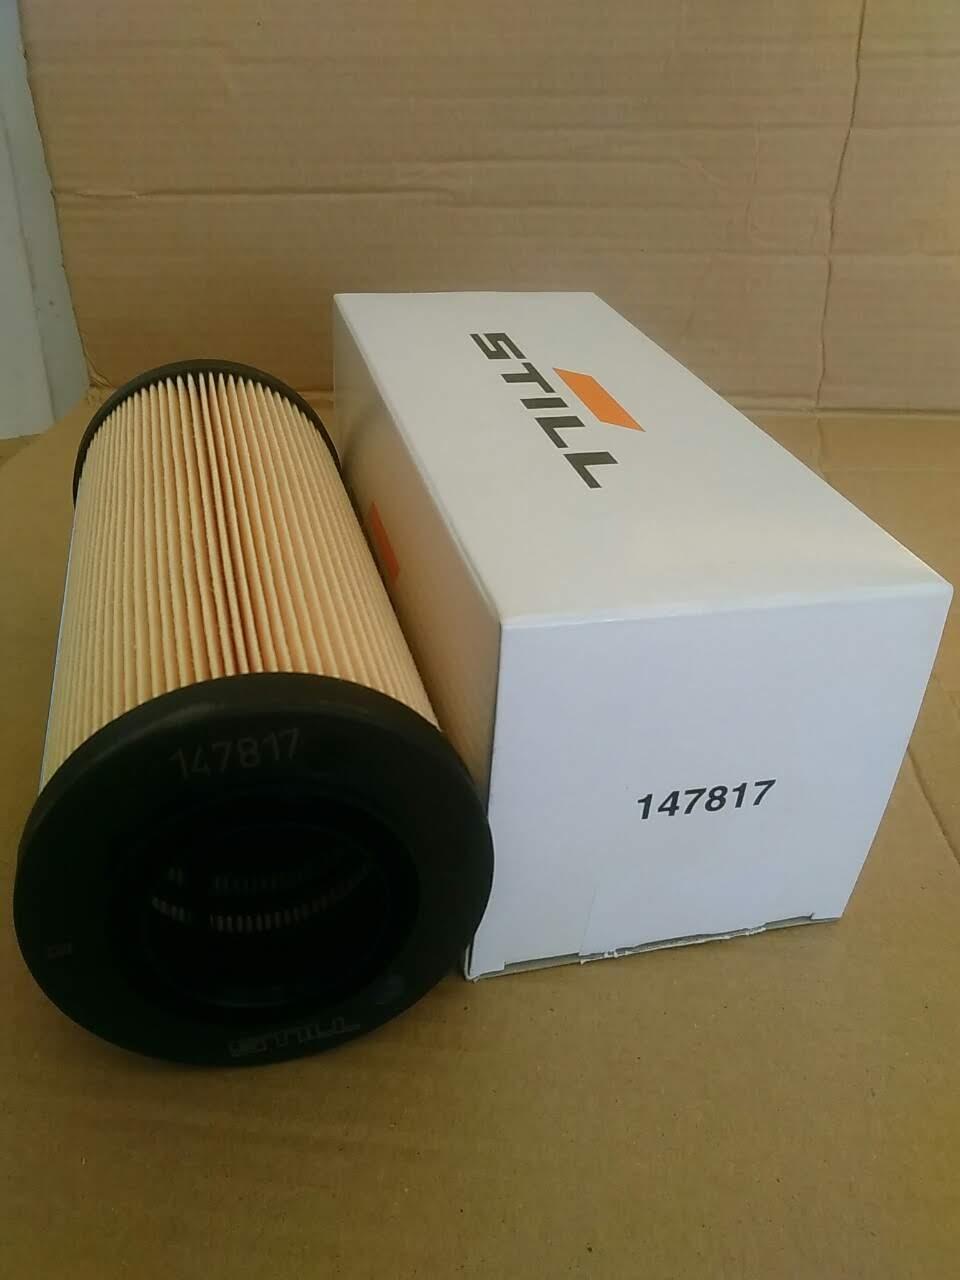 STILL 0147817 фильтр гидравлический / фільтр гідравлічний